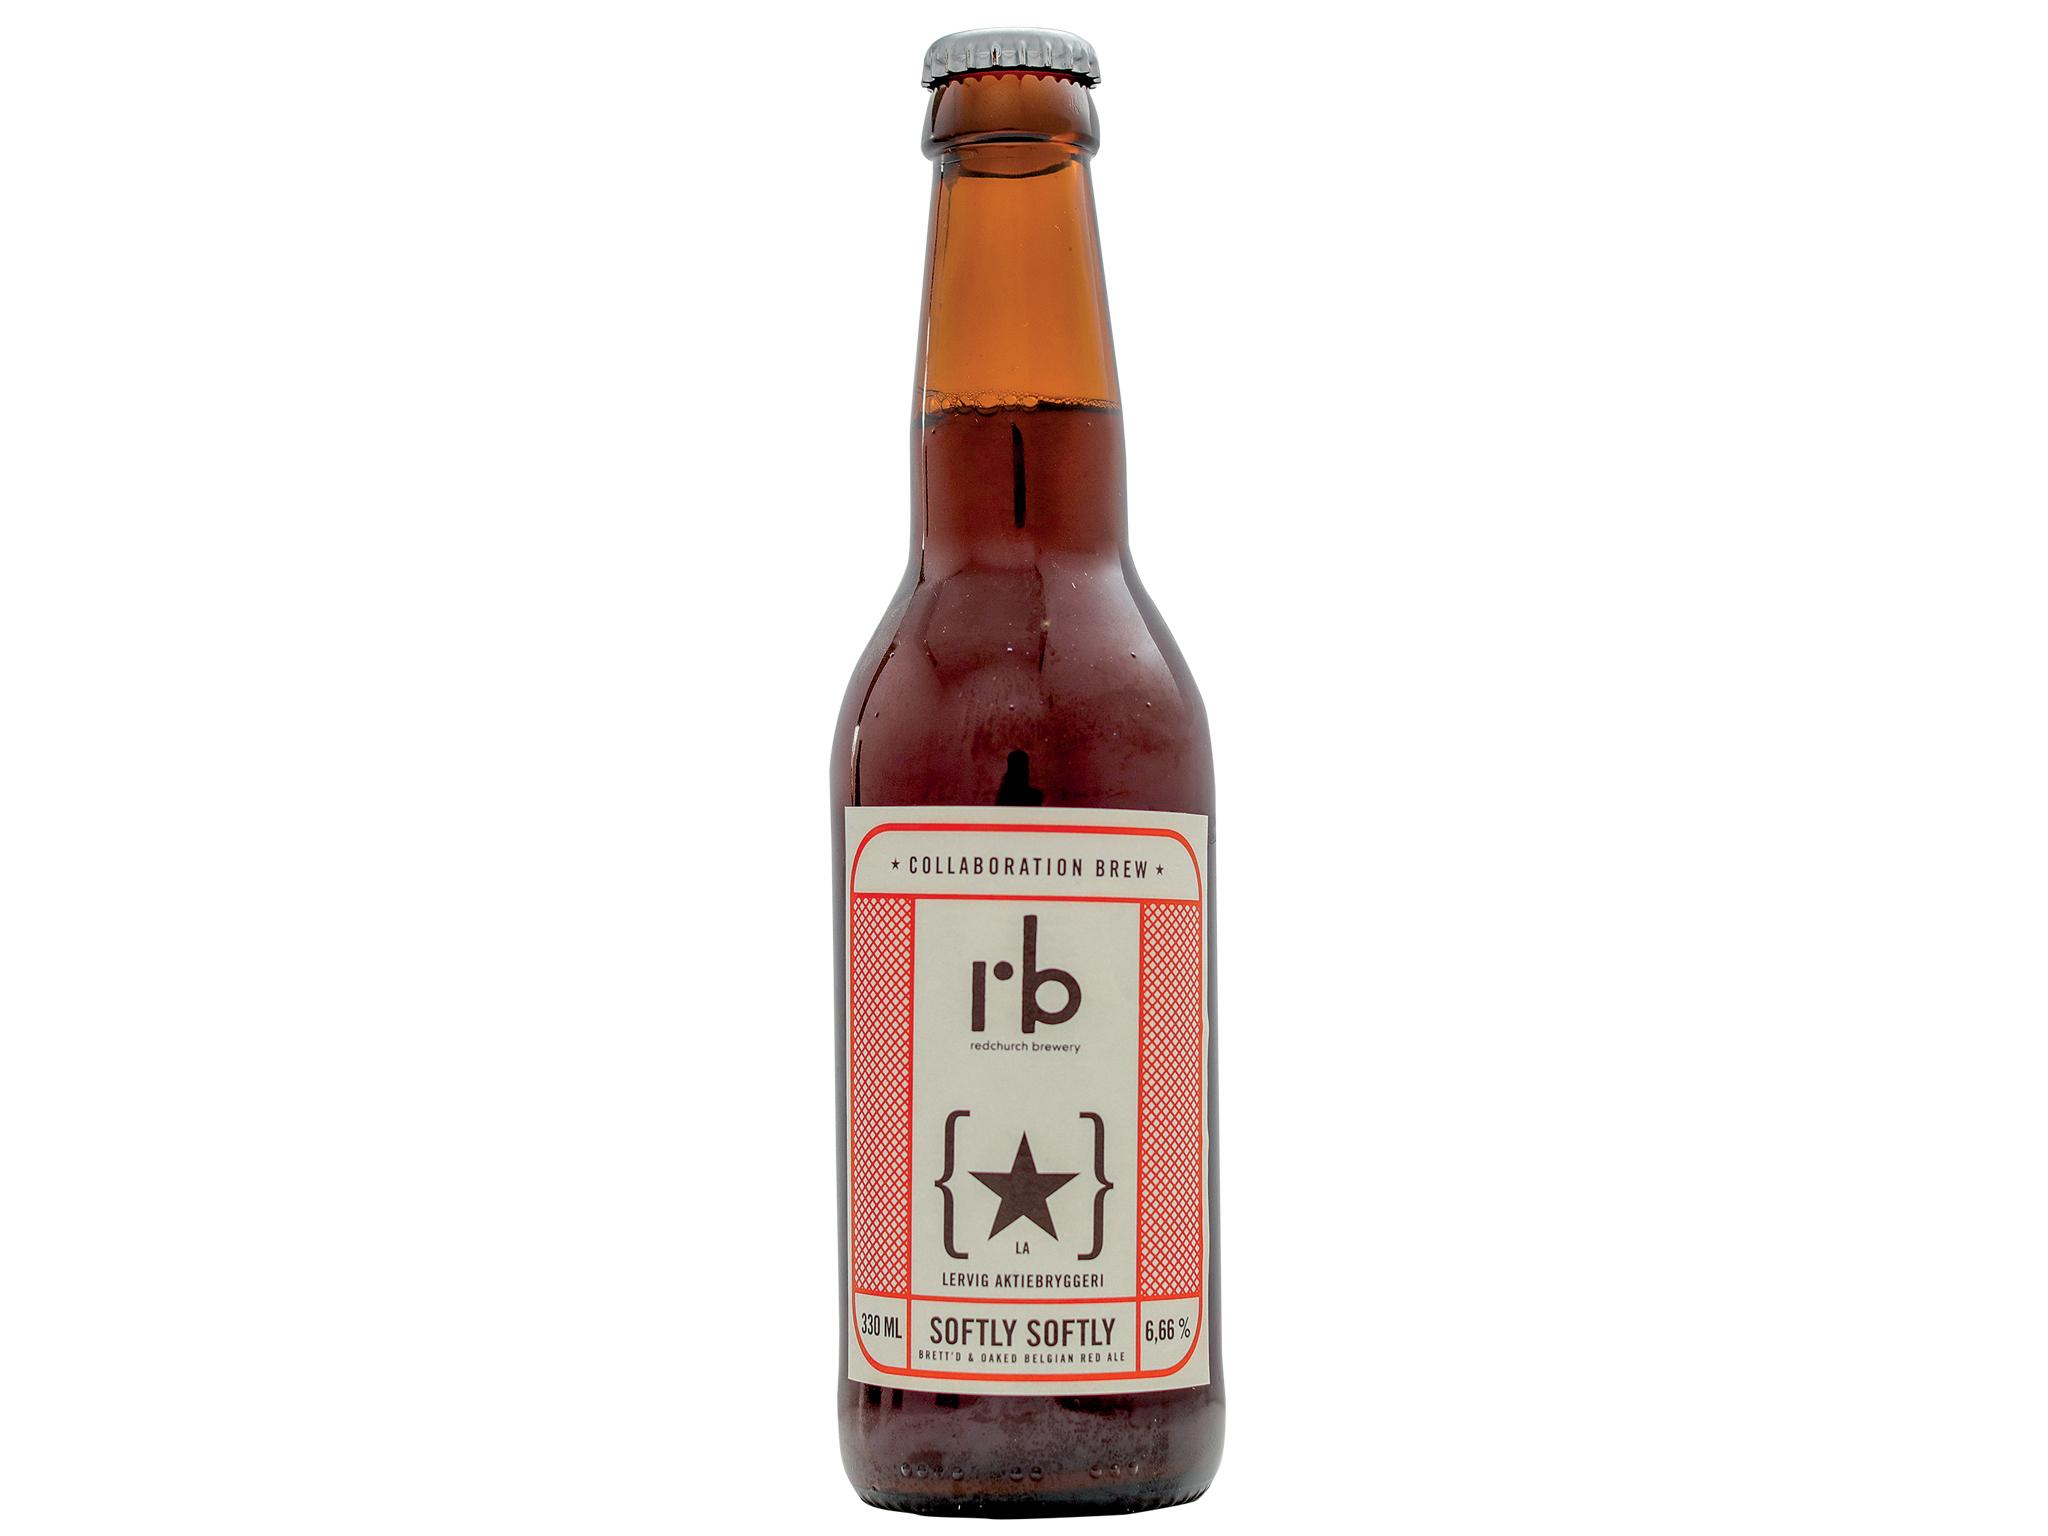 Cerveja Softly Softly - i.b